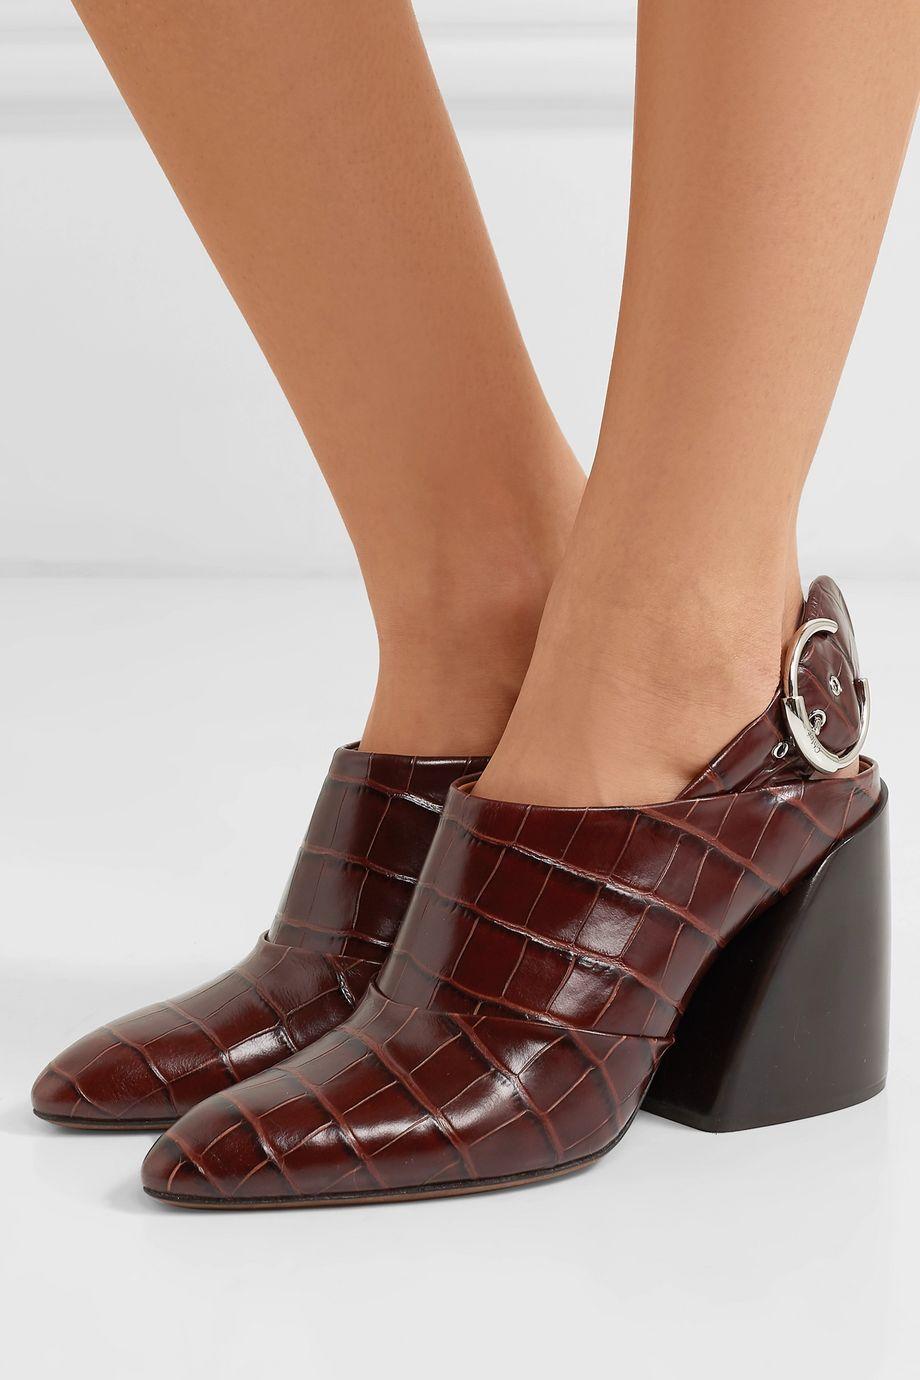 Chloé Wave croc-effect leather slingback pumps